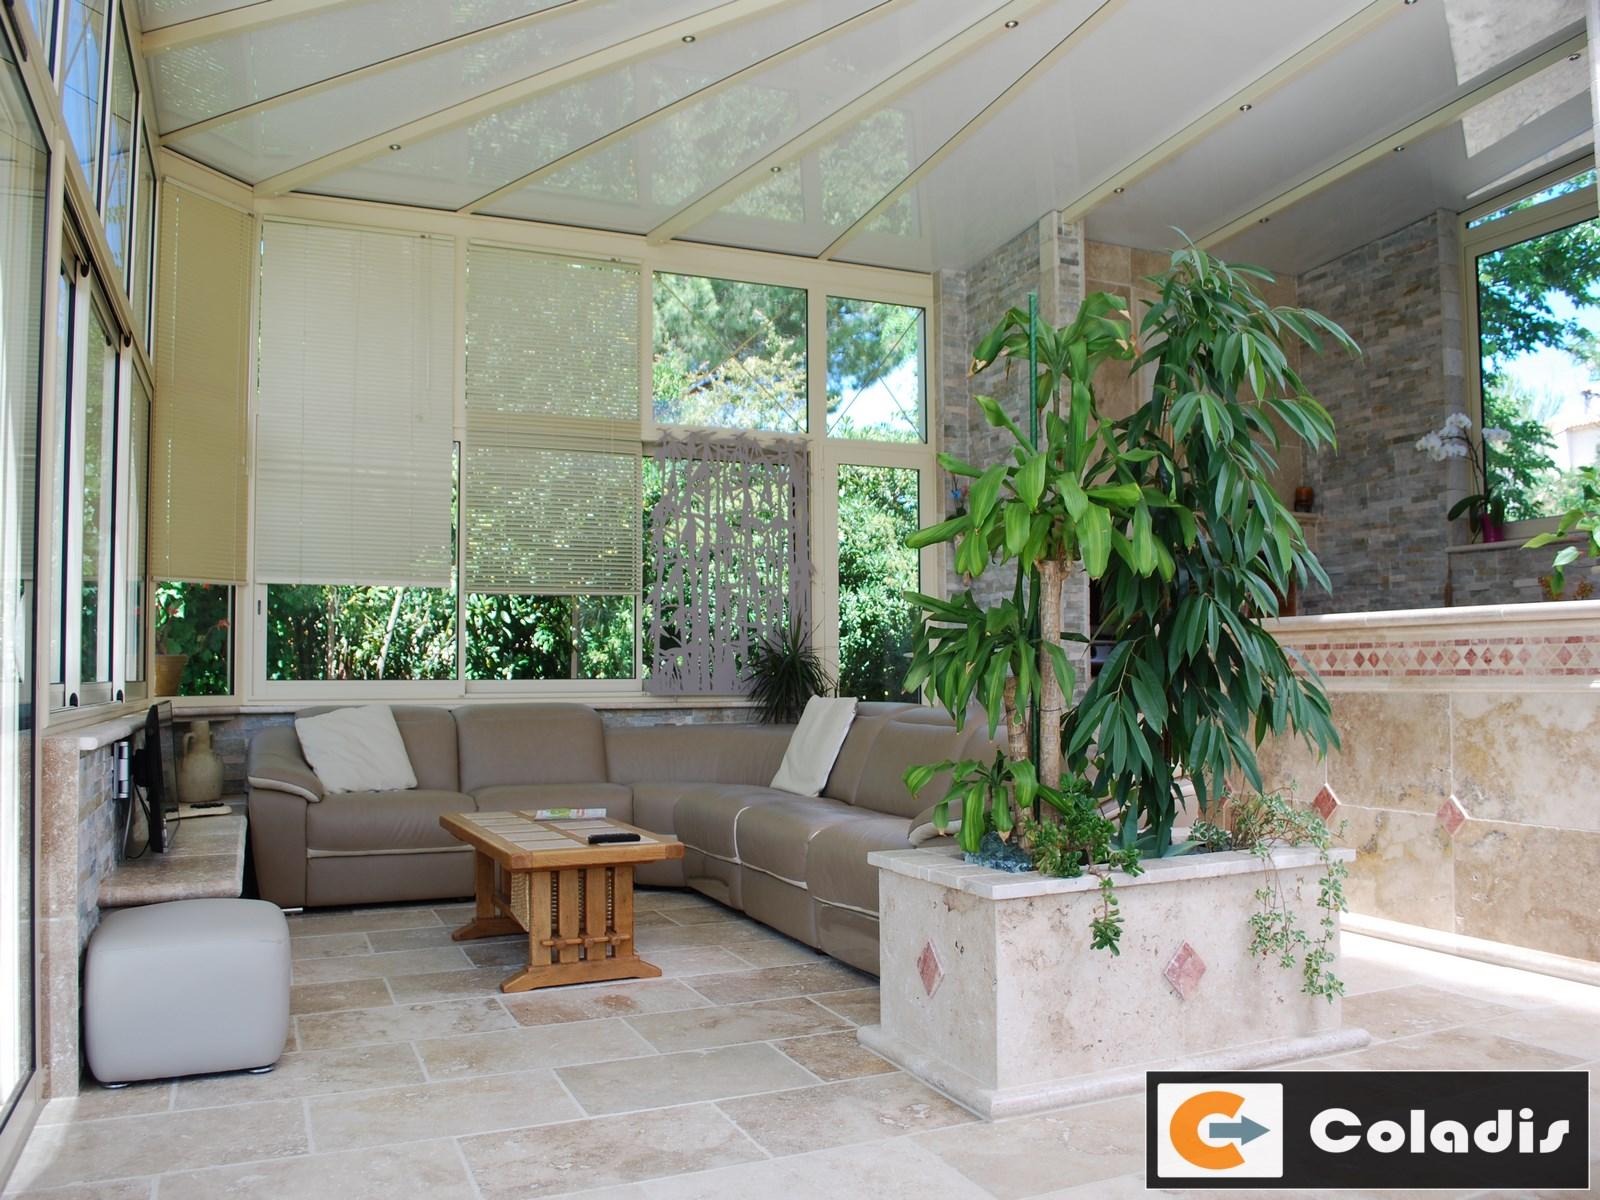 Coladis toiture victorienne polycarbonate Montpellier hérault 34